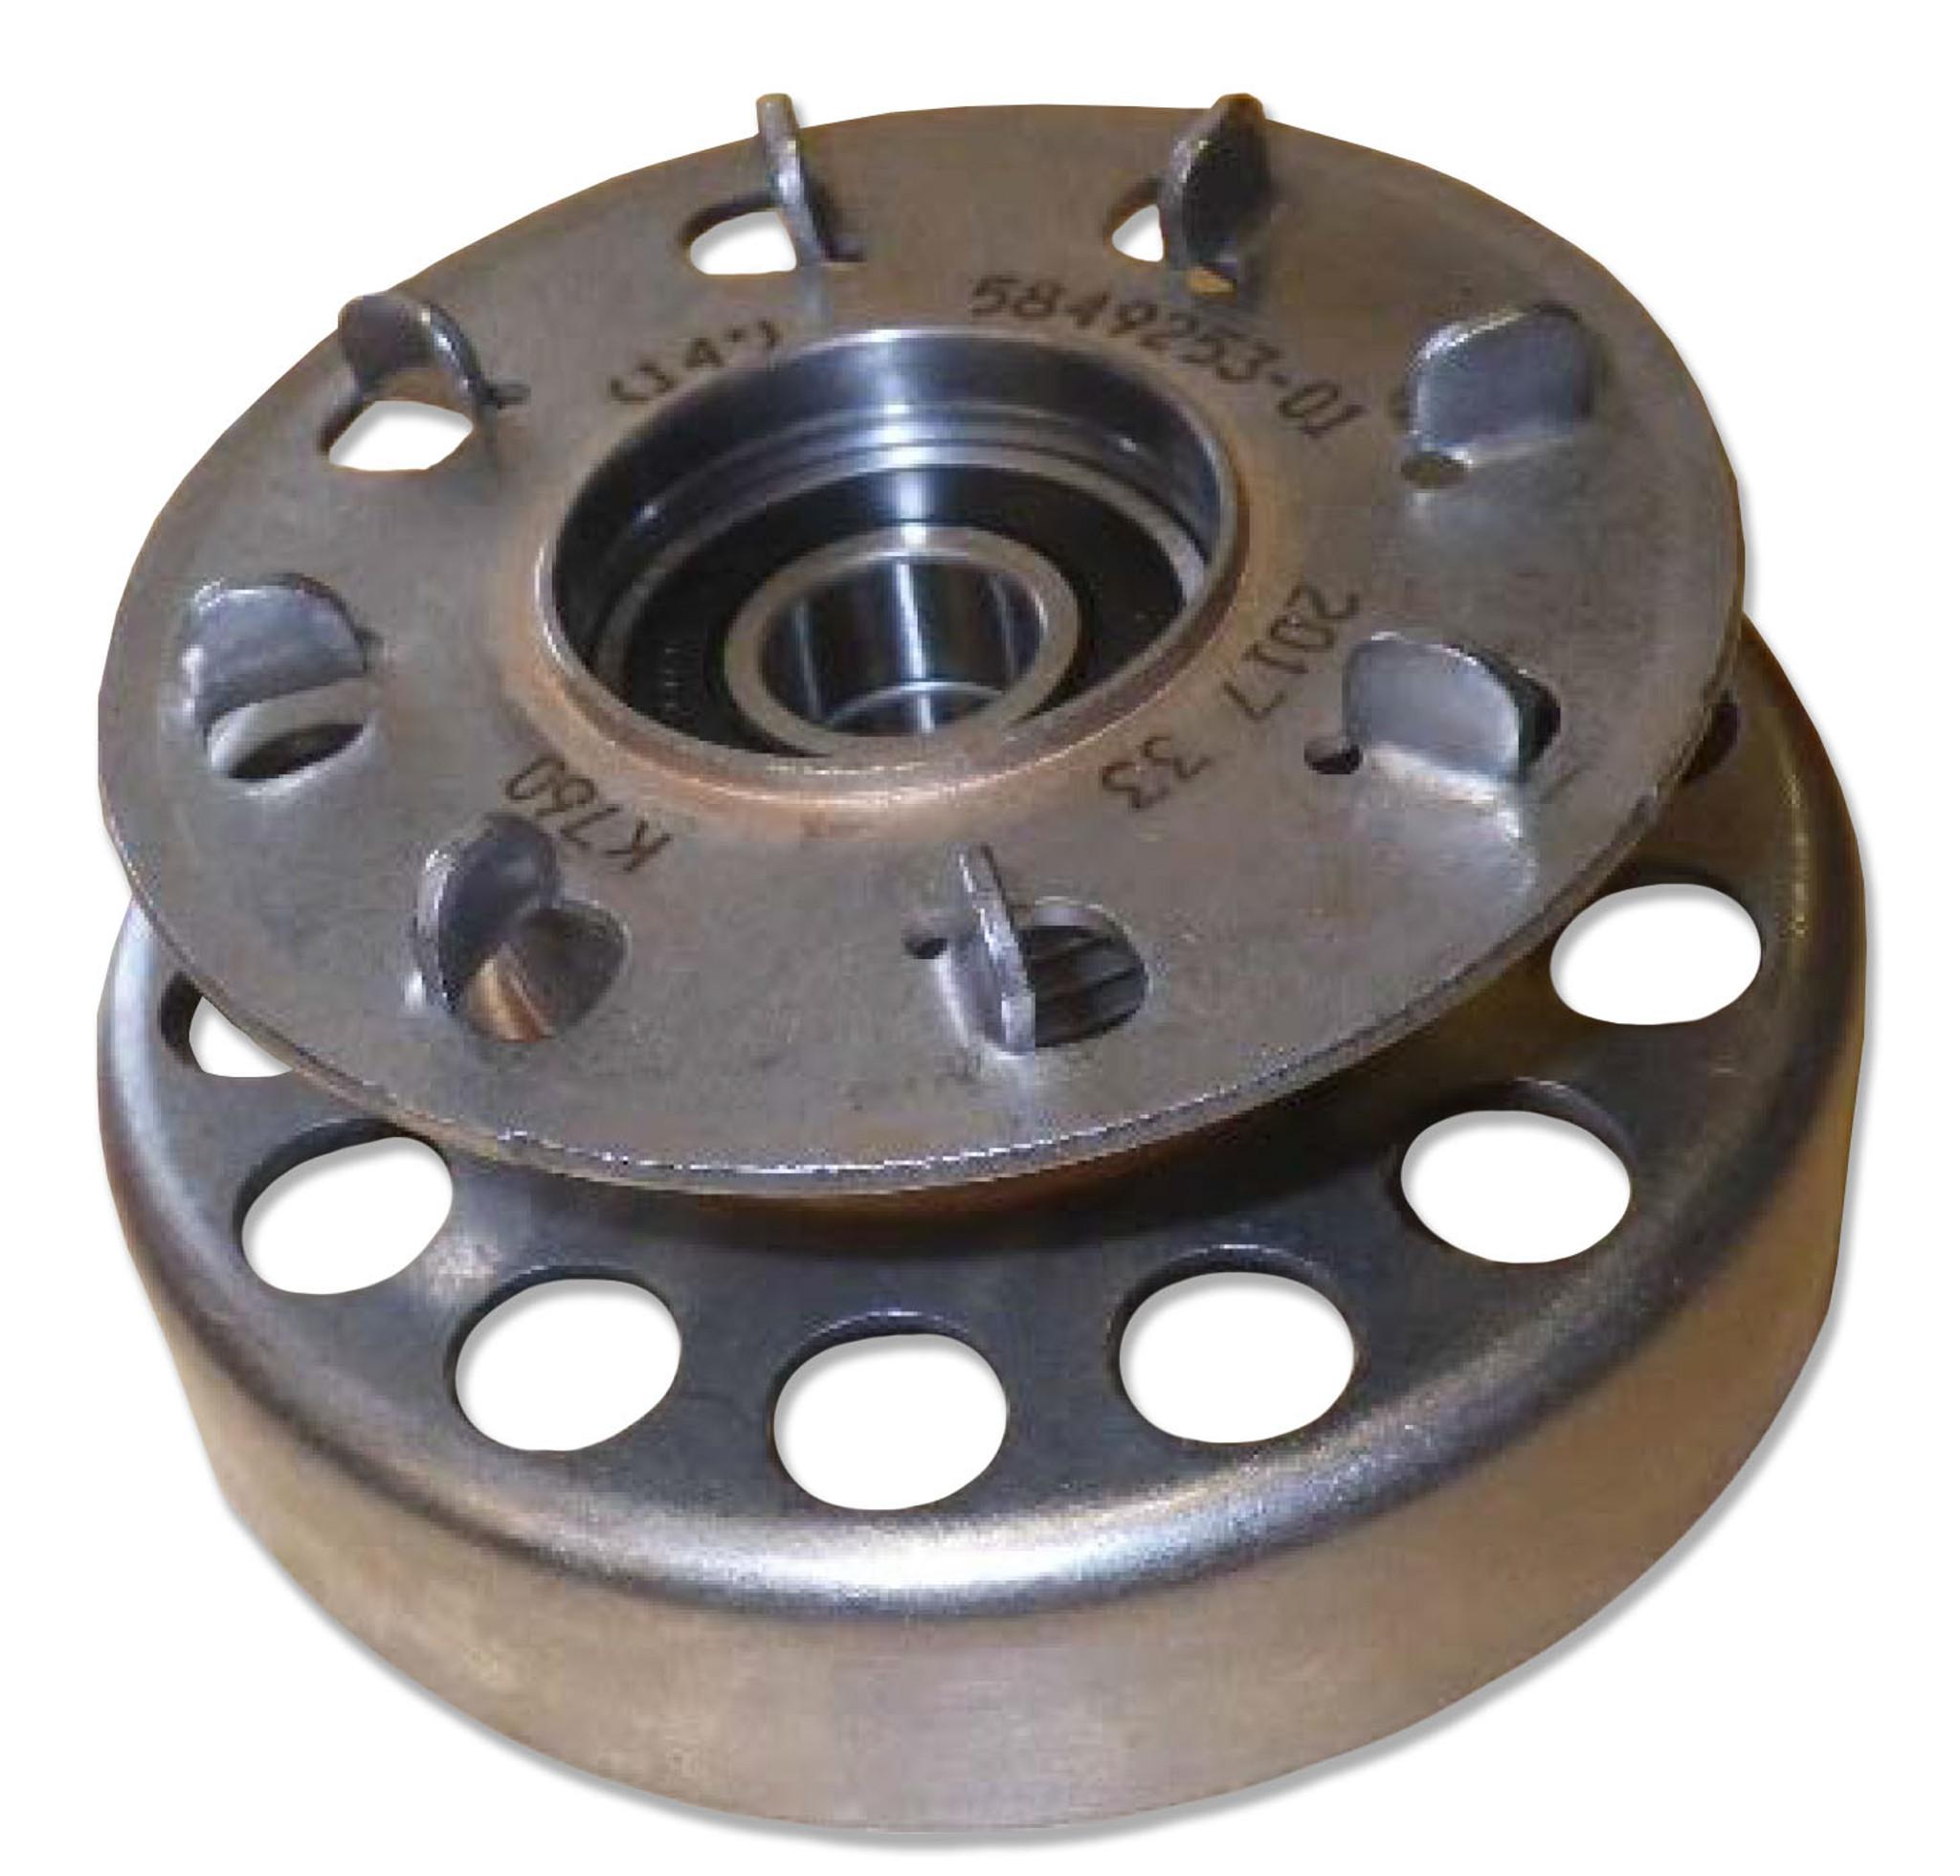 Ball Bearing Clutch Drum Pulley | Husqvarna K750, K760 | 590 80 59-01